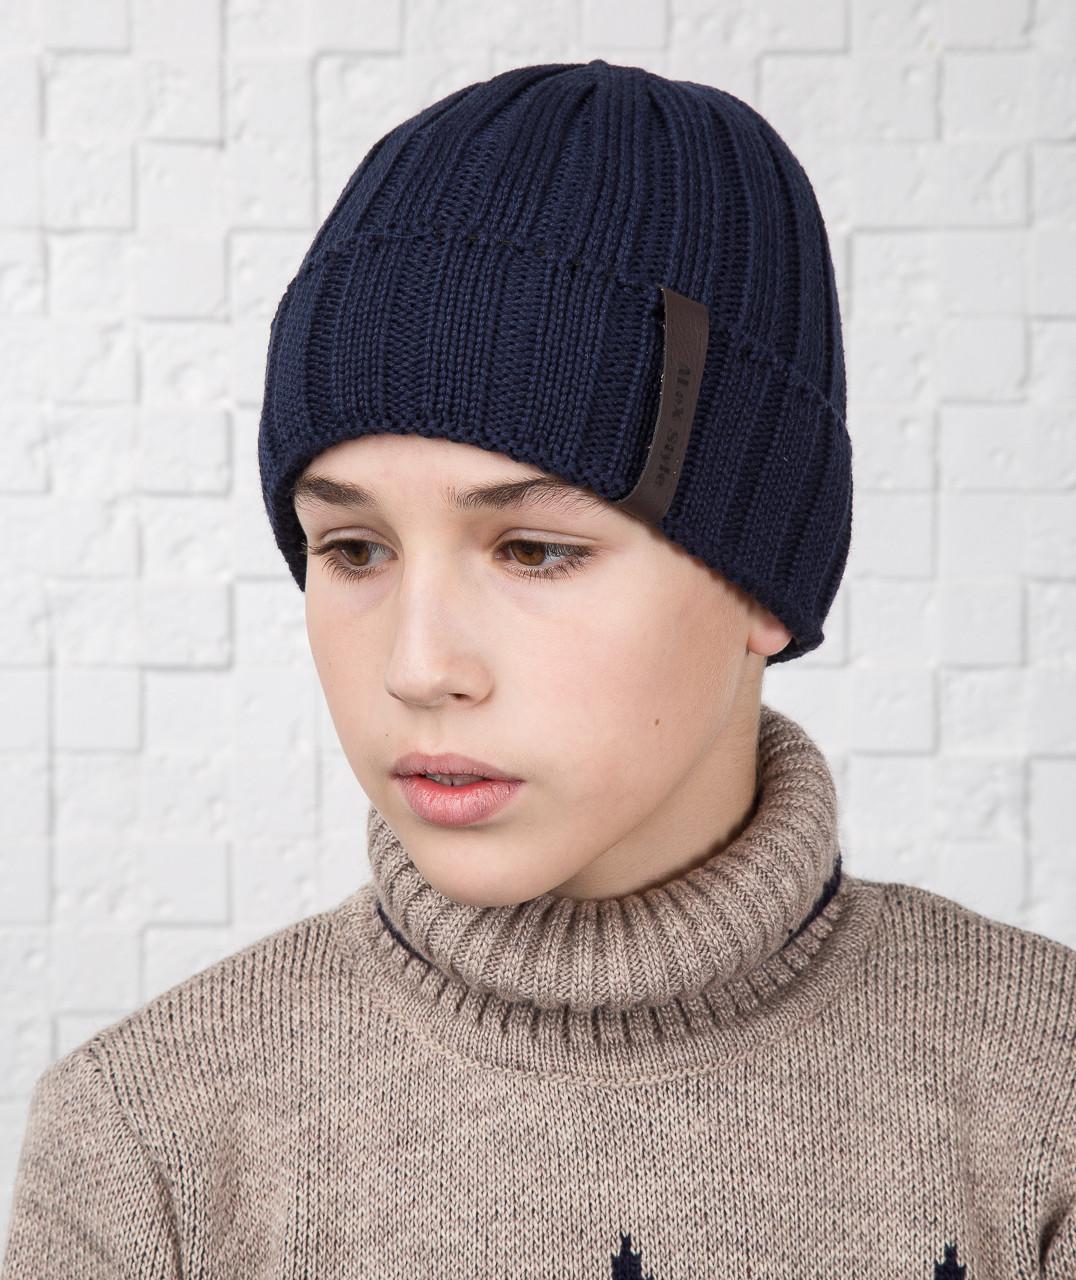 Мальчуковая зимняя шапка с отворотом ALEX - Артикул AL17037